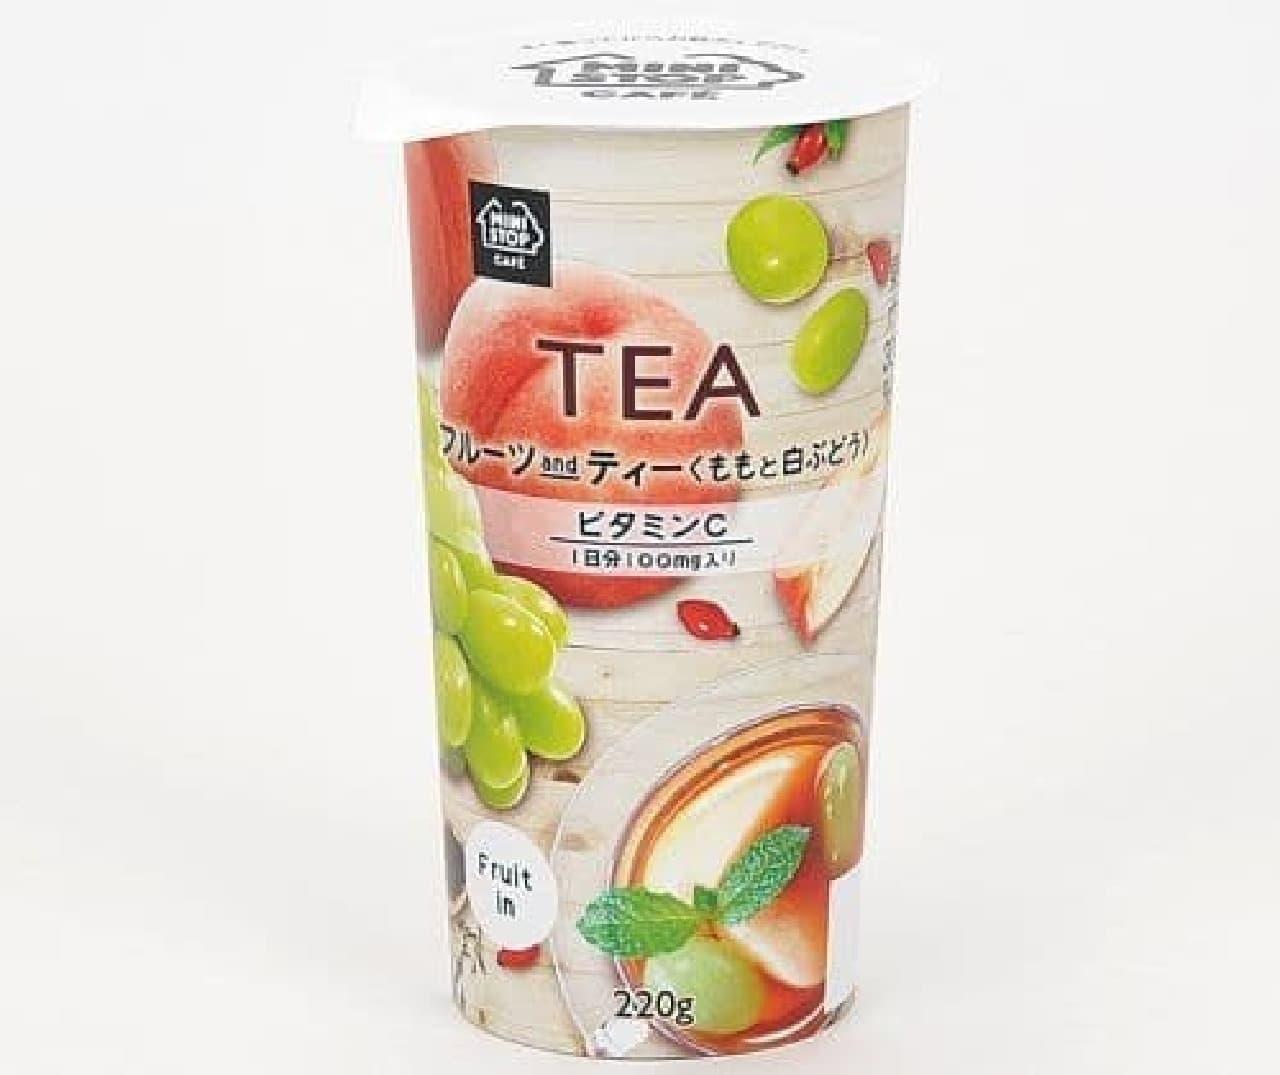 「フルーツandティー〈ももと白ぶどう〉」は果実の食感が楽しめる紅茶